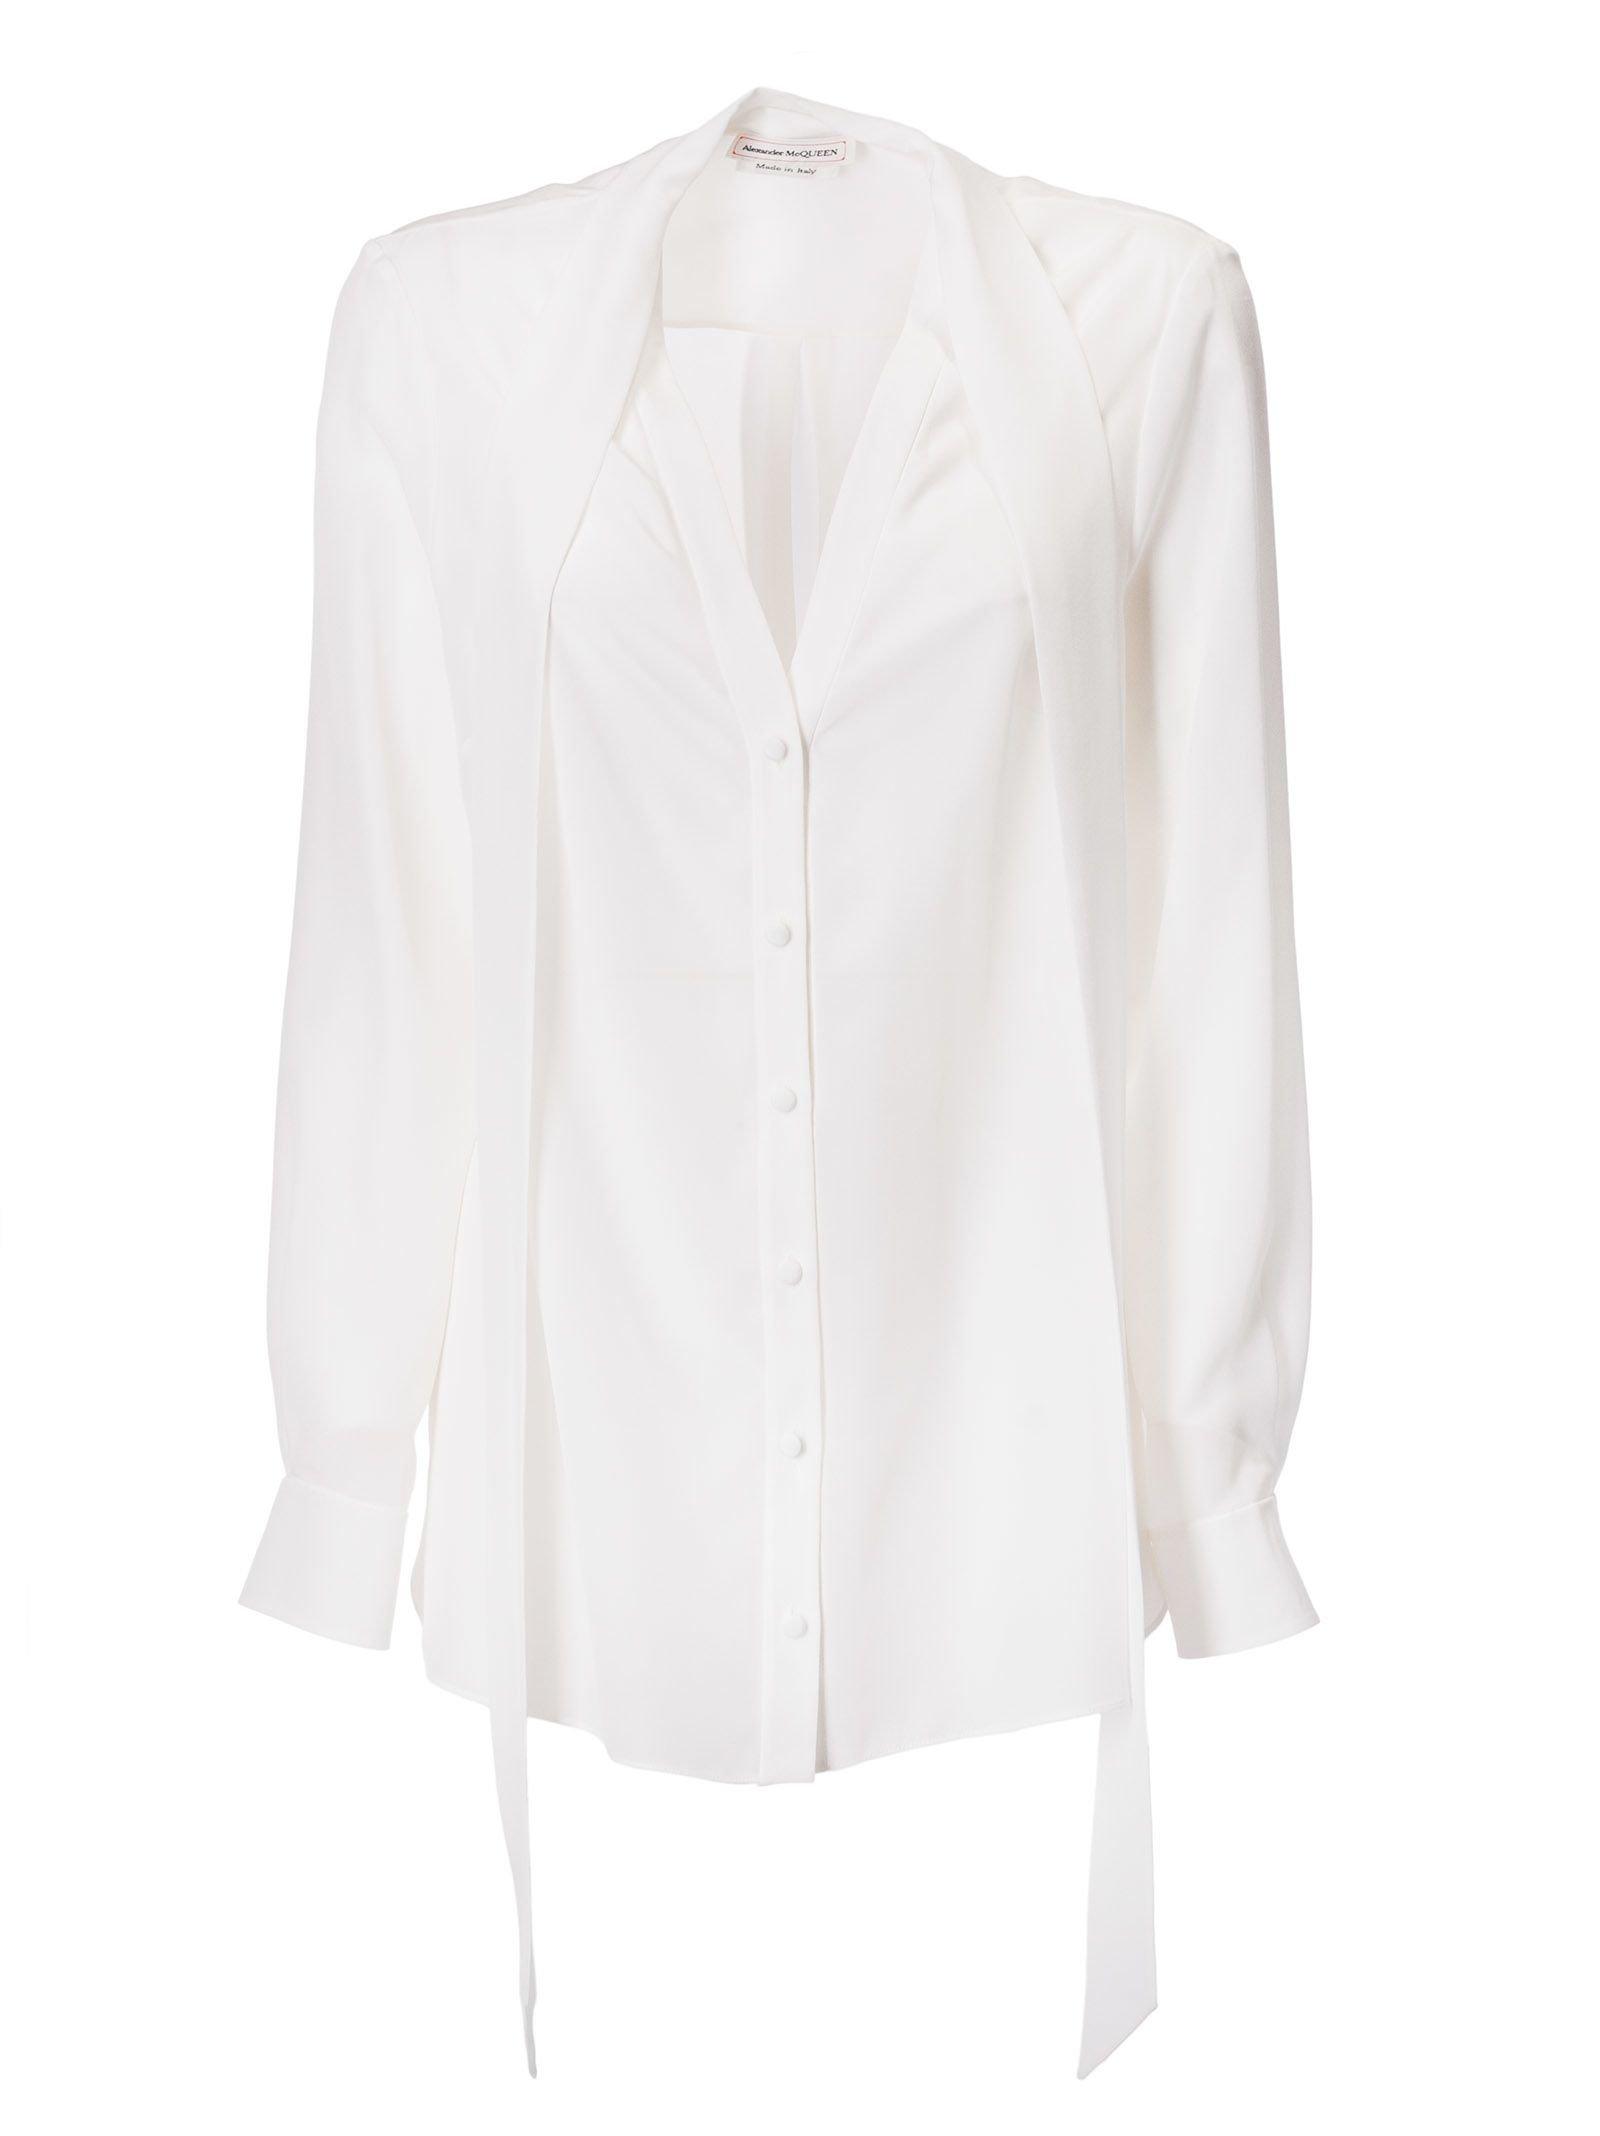 Alexander McQueen Buttoned Shirt